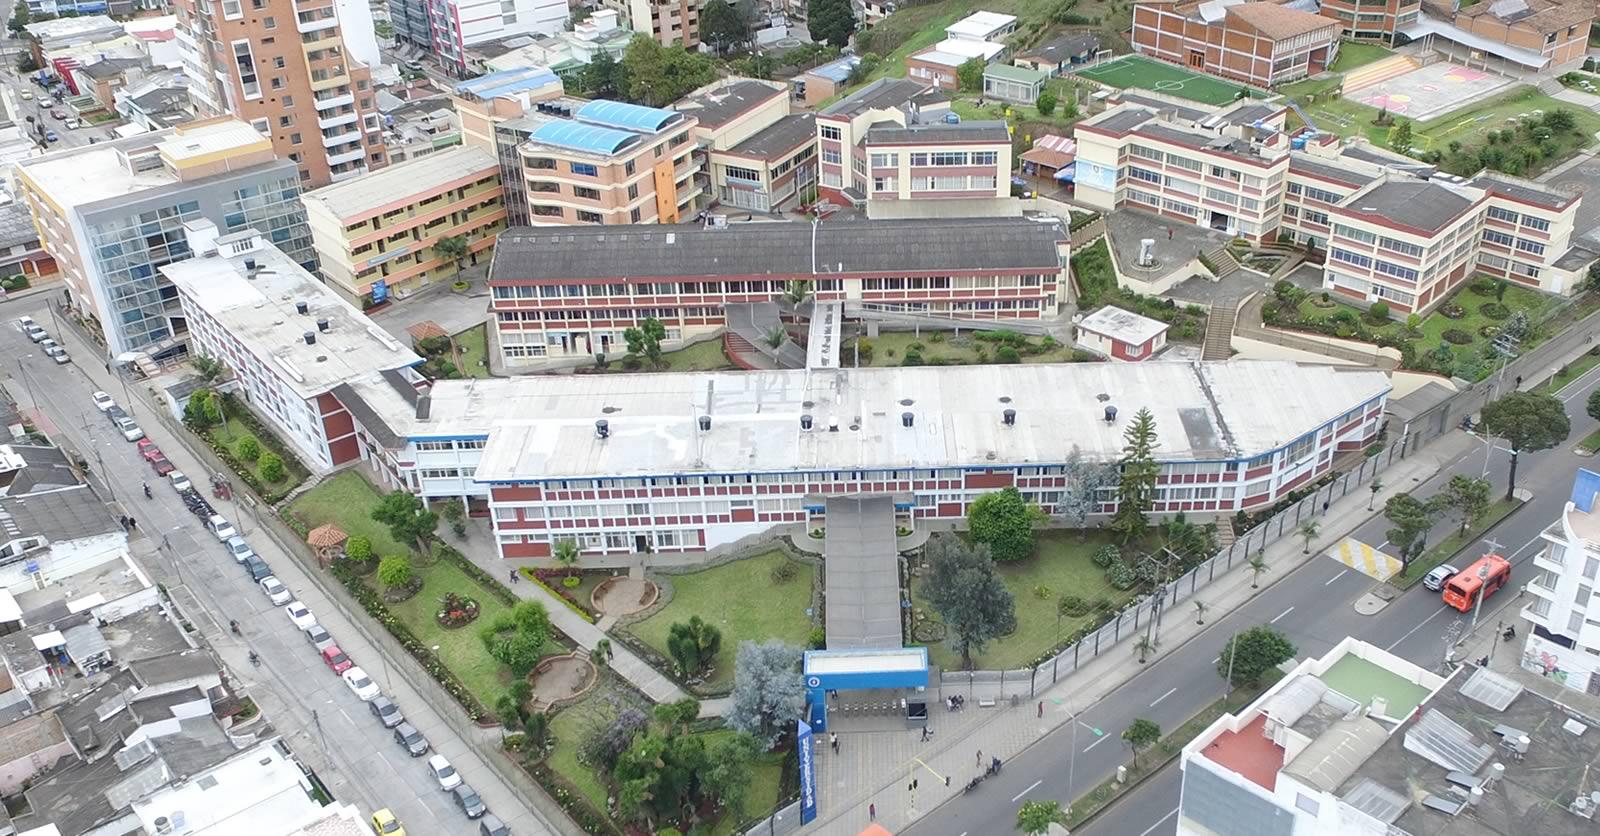 X CONGRESO INTERNACIONAL REFLEXIONANDO LAS DISCIPLINAS: DISCUSIONES ACTUALES DEL DERECHO EN COLOMBIA